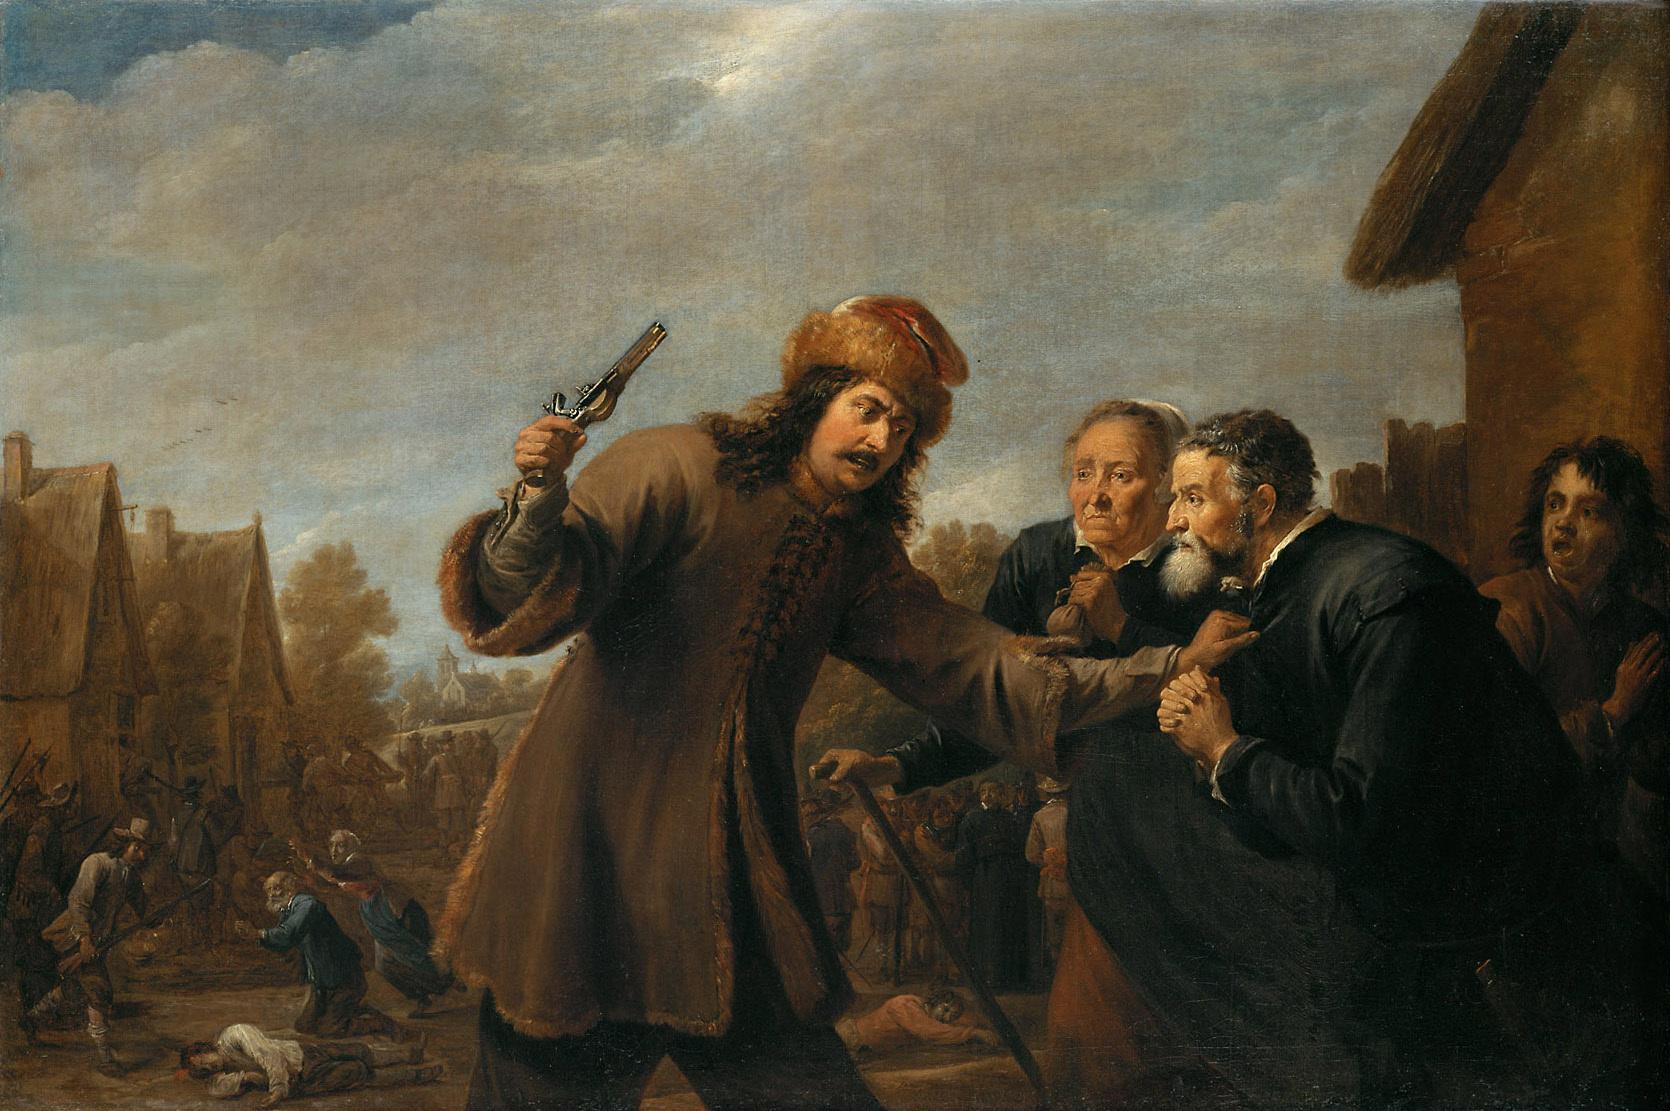 Raid on a Village by David Teniers d. J. - 1648